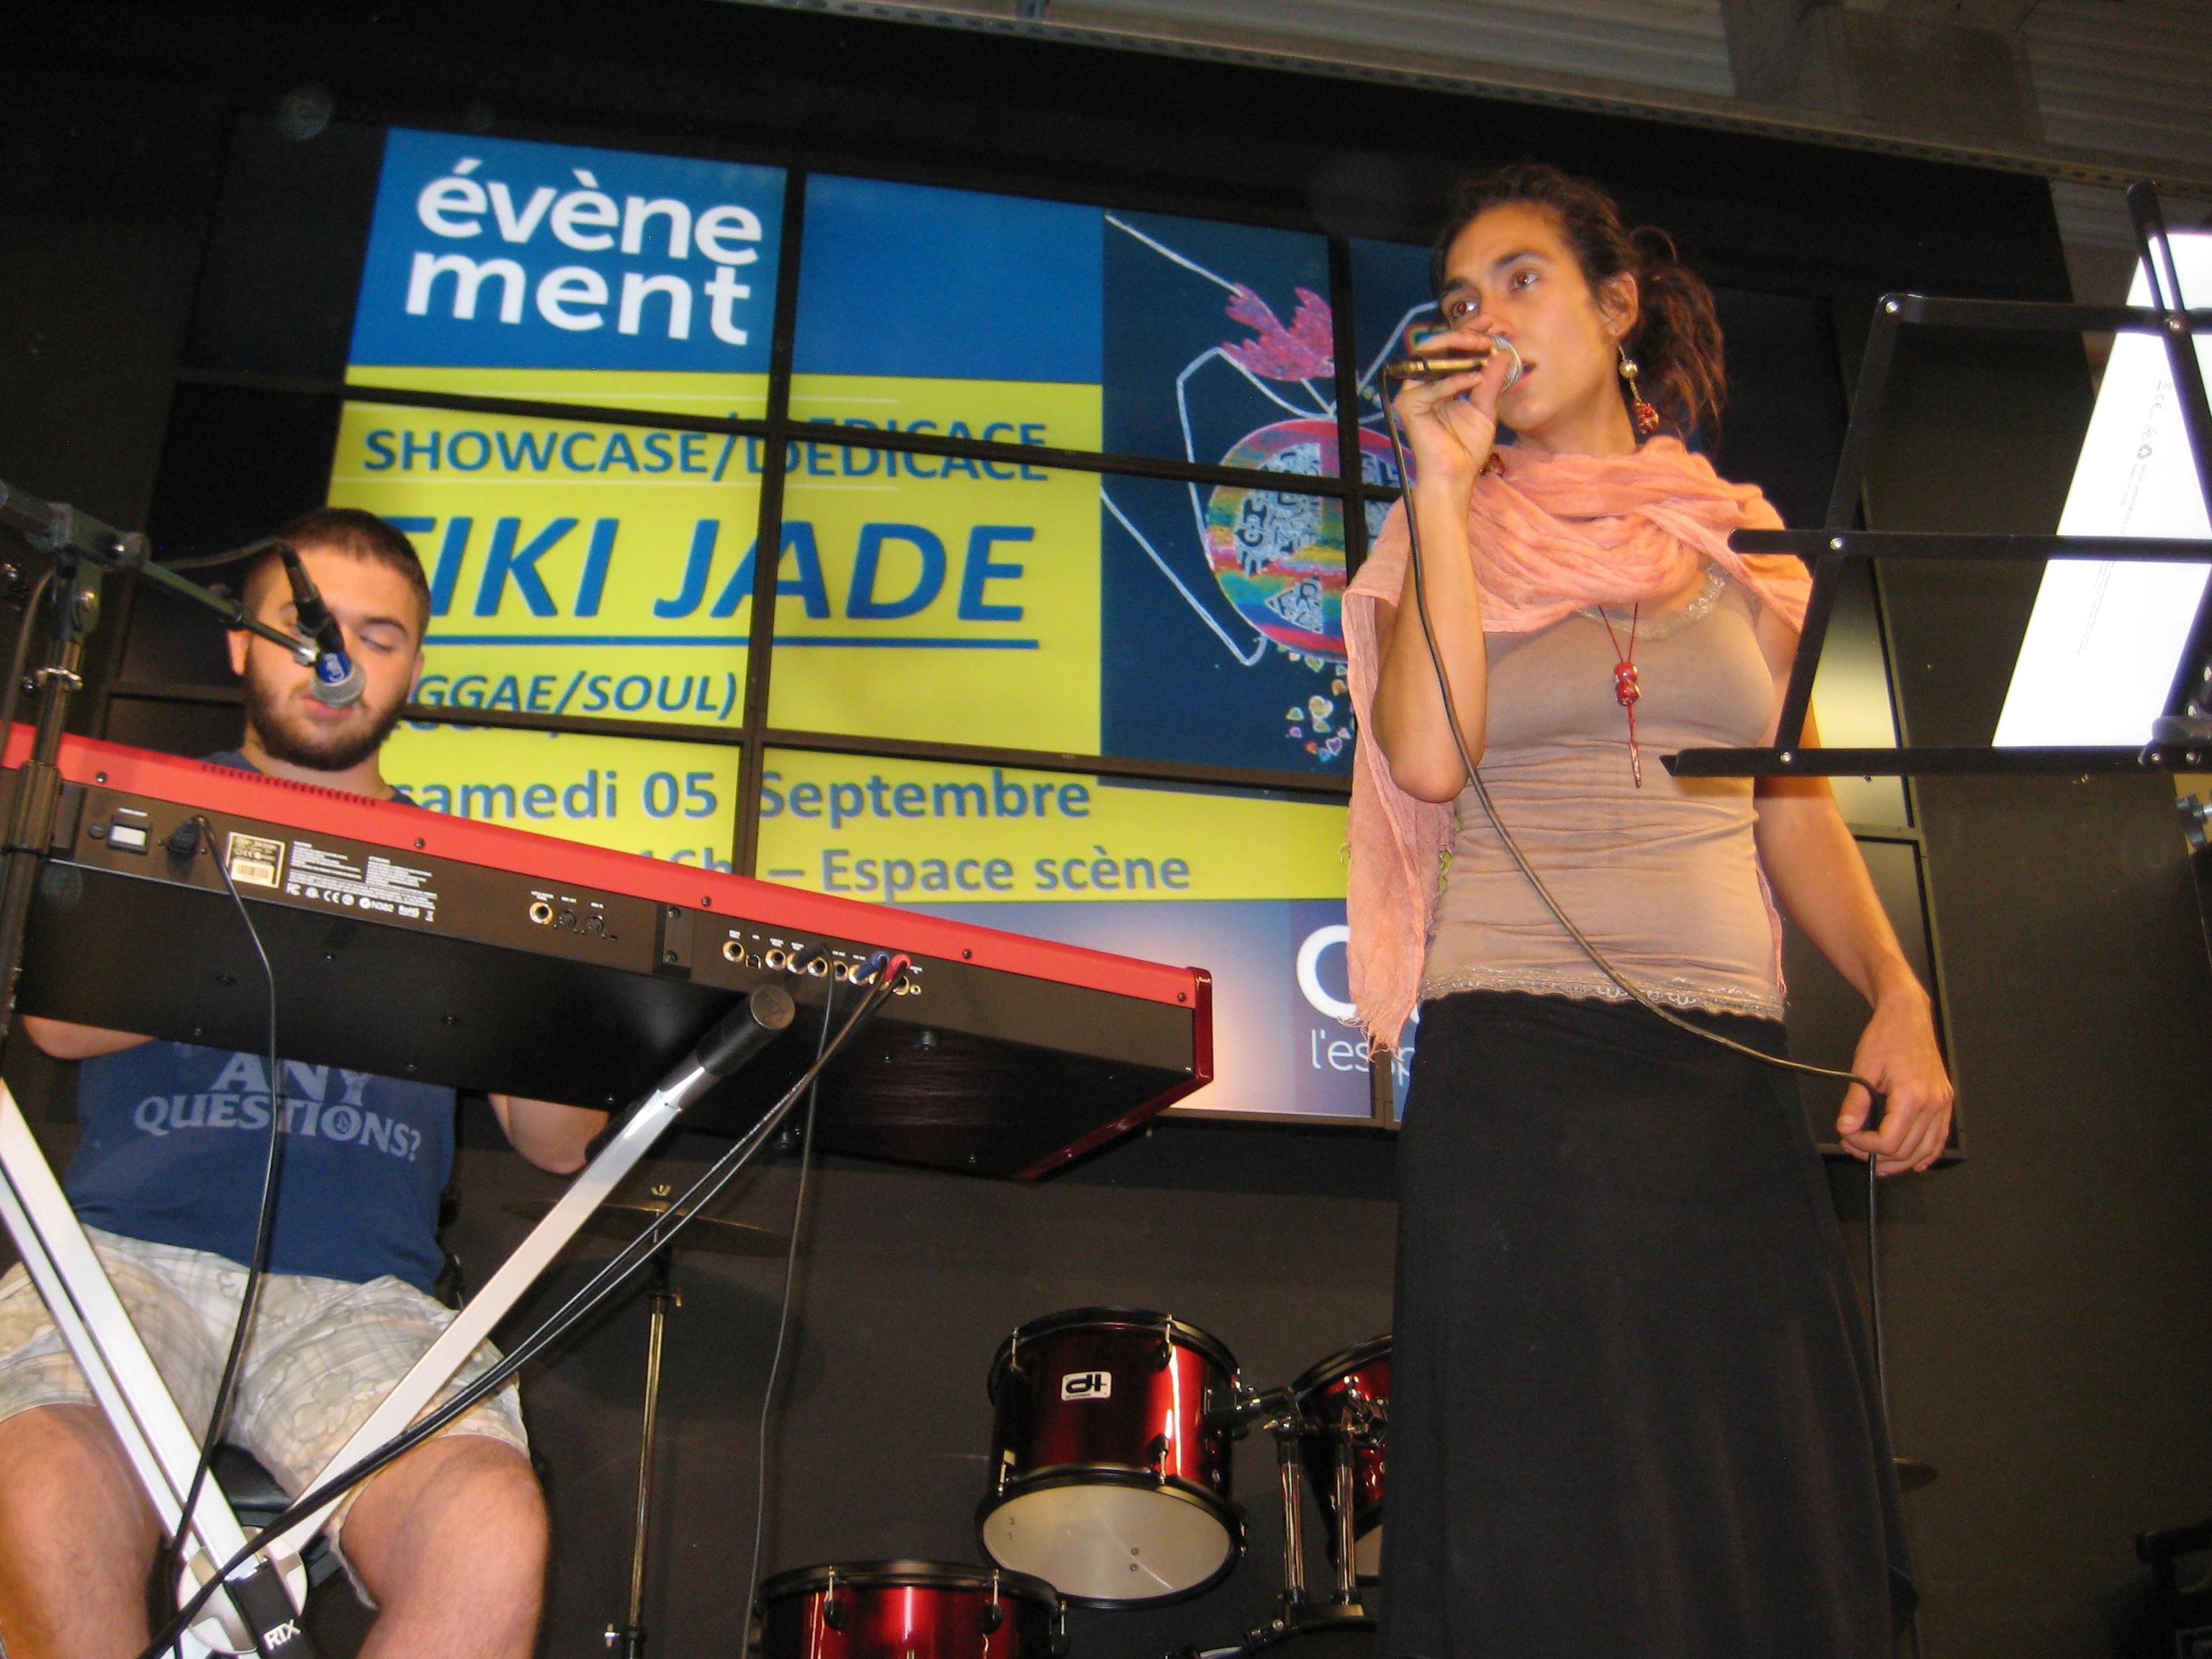 TIKI JADE concert